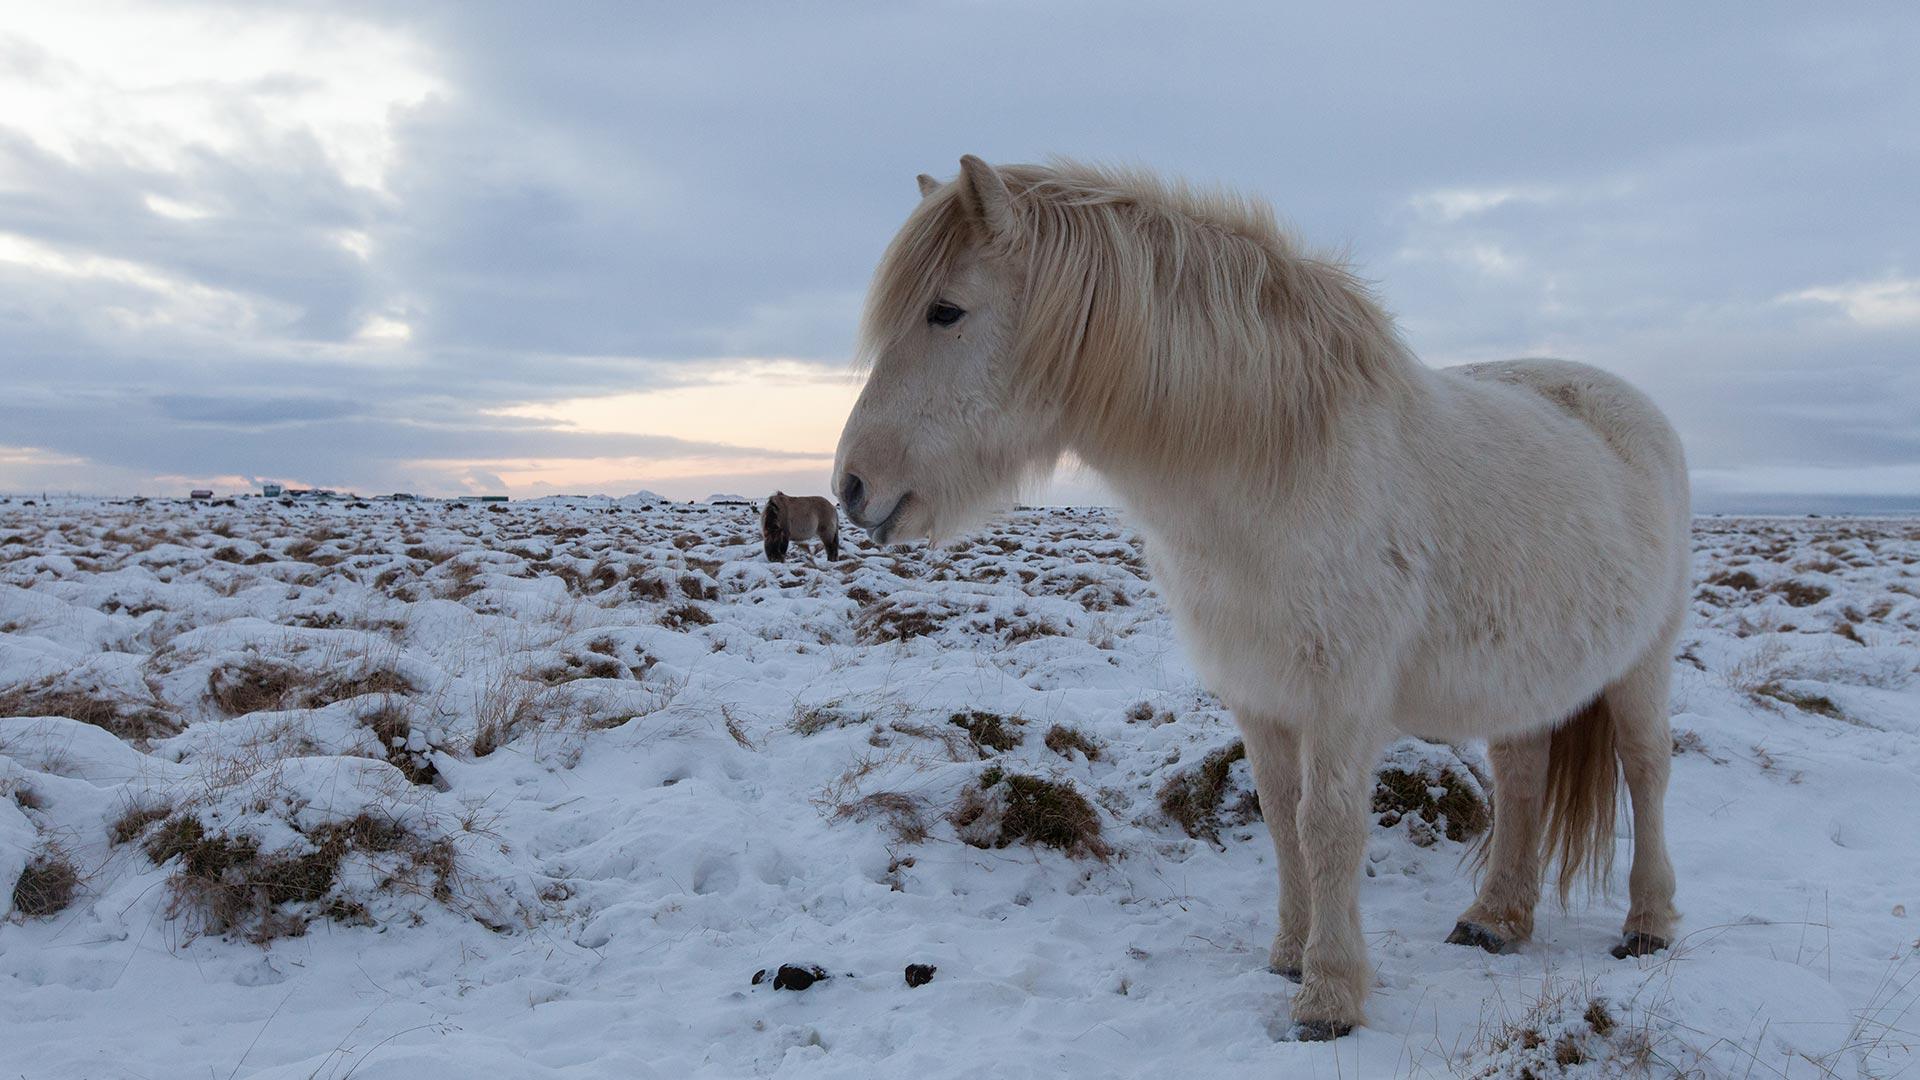 Winter Explorer around Iceland - 14 Days 13 Nights ...